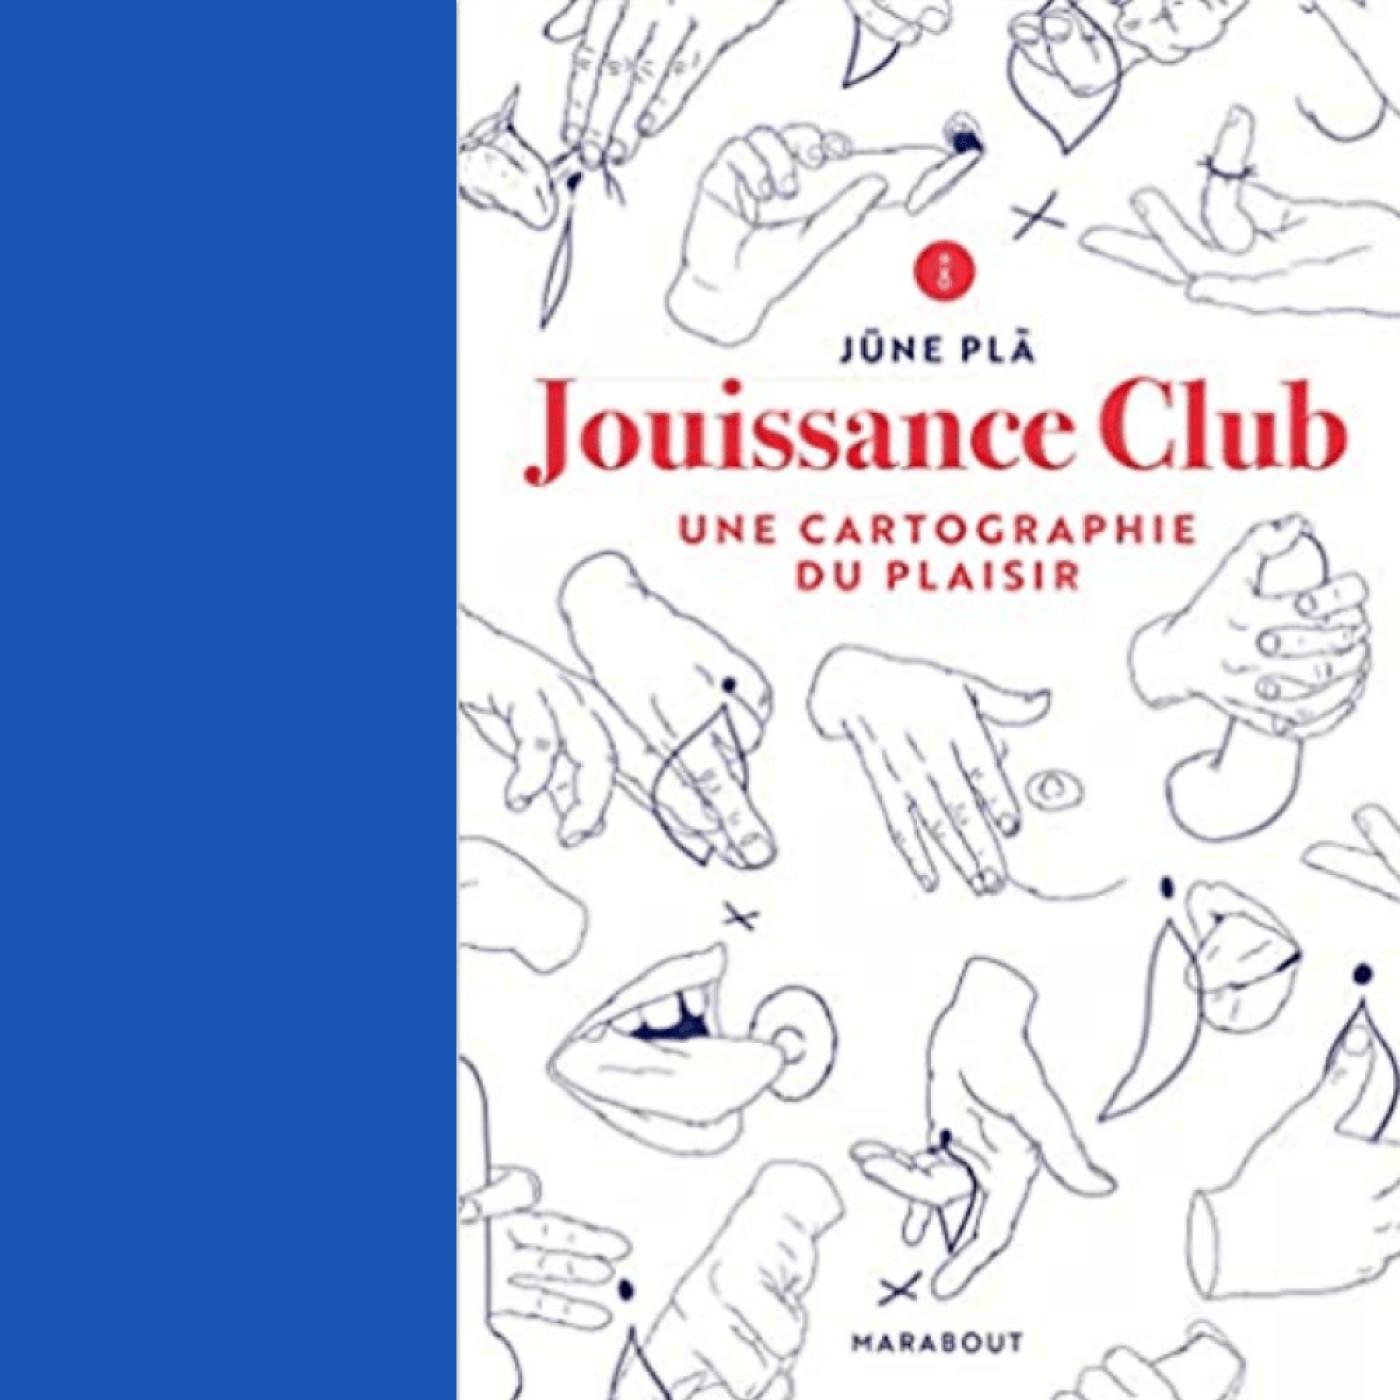 Jouissance Club : Une cartographie des plaisirs (extrait du livre de Jüne Plà)